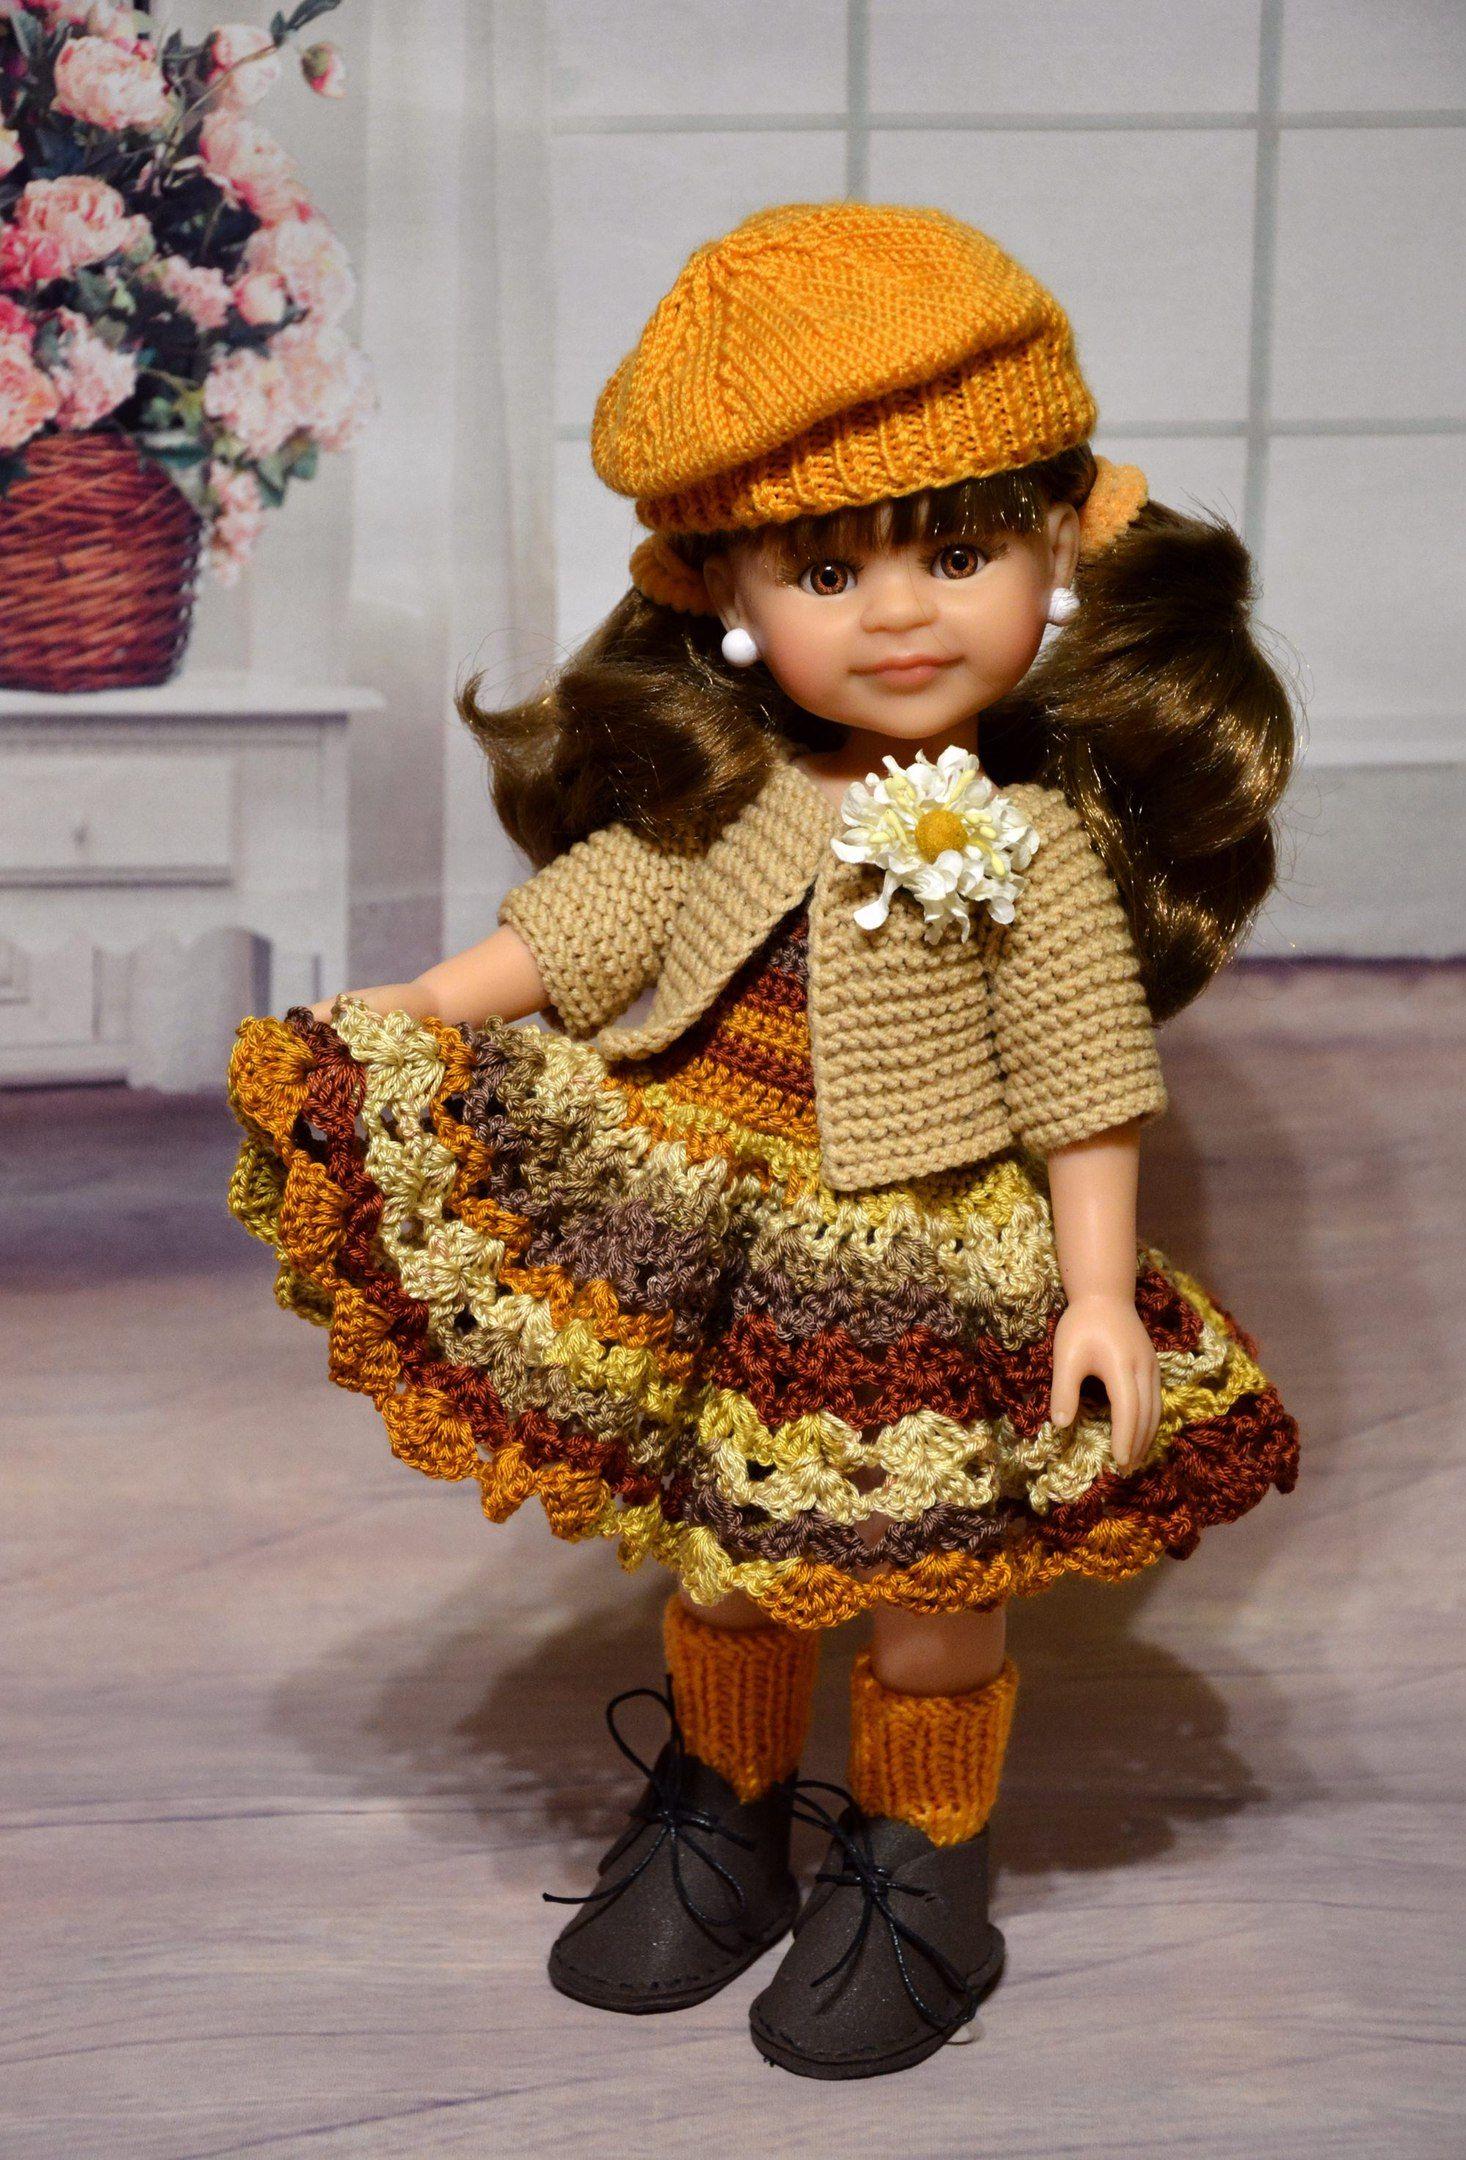 Испанские куклы Paola Reina   Одежда для куколок, Куклы, Вещи для кукол